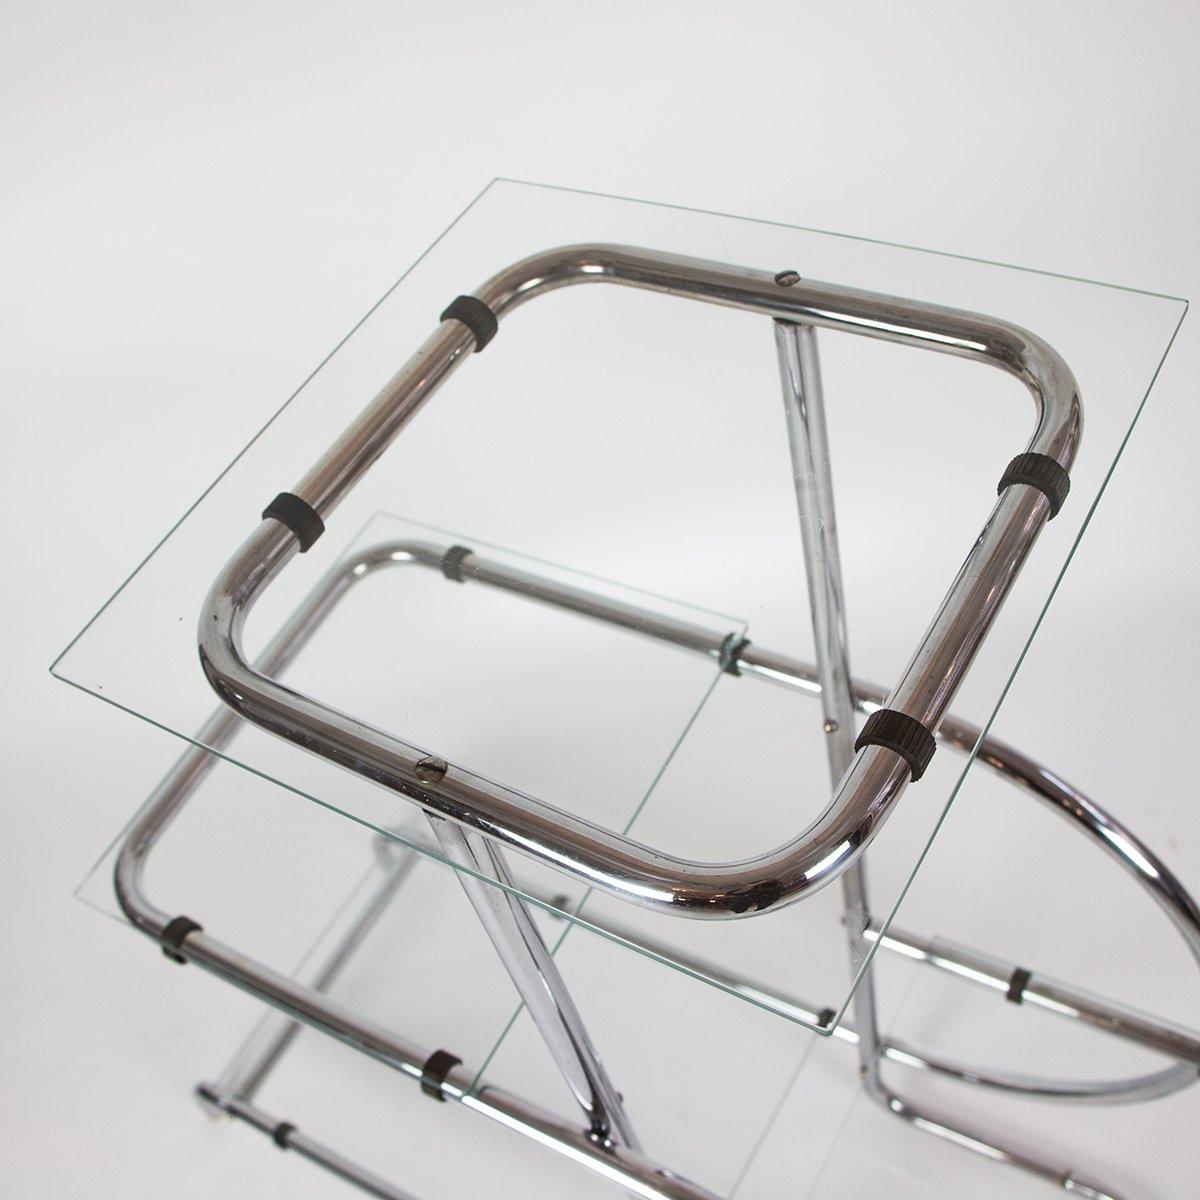 bauhaus regal aus stahlrohr bei pamono kaufen. Black Bedroom Furniture Sets. Home Design Ideas